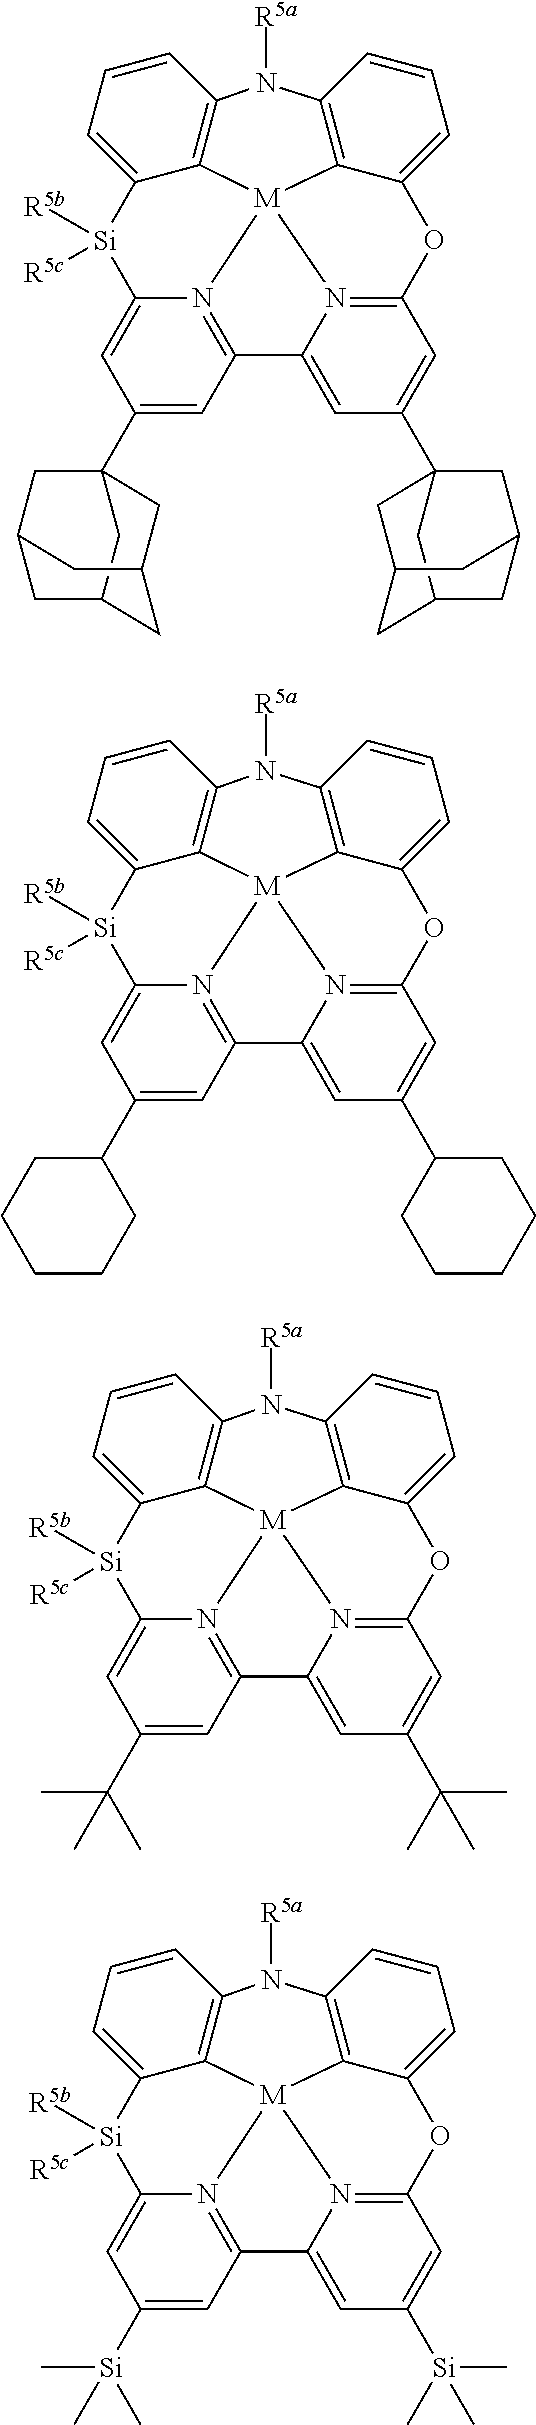 Figure US10158091-20181218-C00054